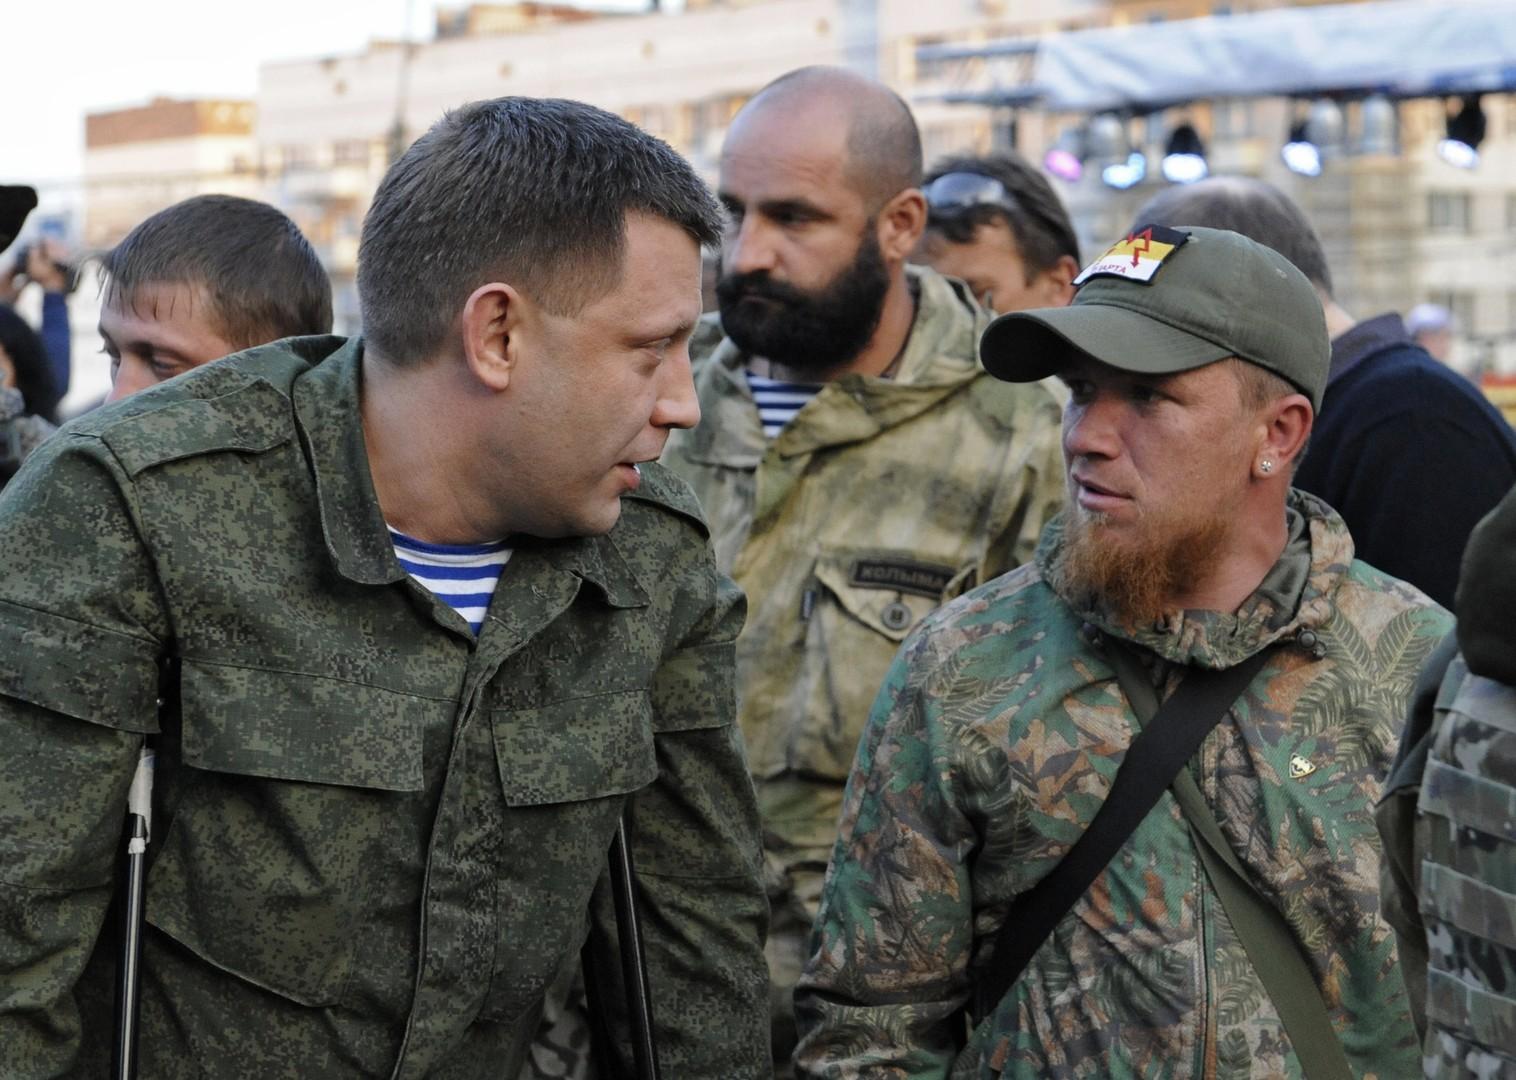 Глава ДНР Александр Захарченко (слева)  с Арсеном Павловым, погибшим 16 октября ополченцем, известным под позывным Моторола (справа).